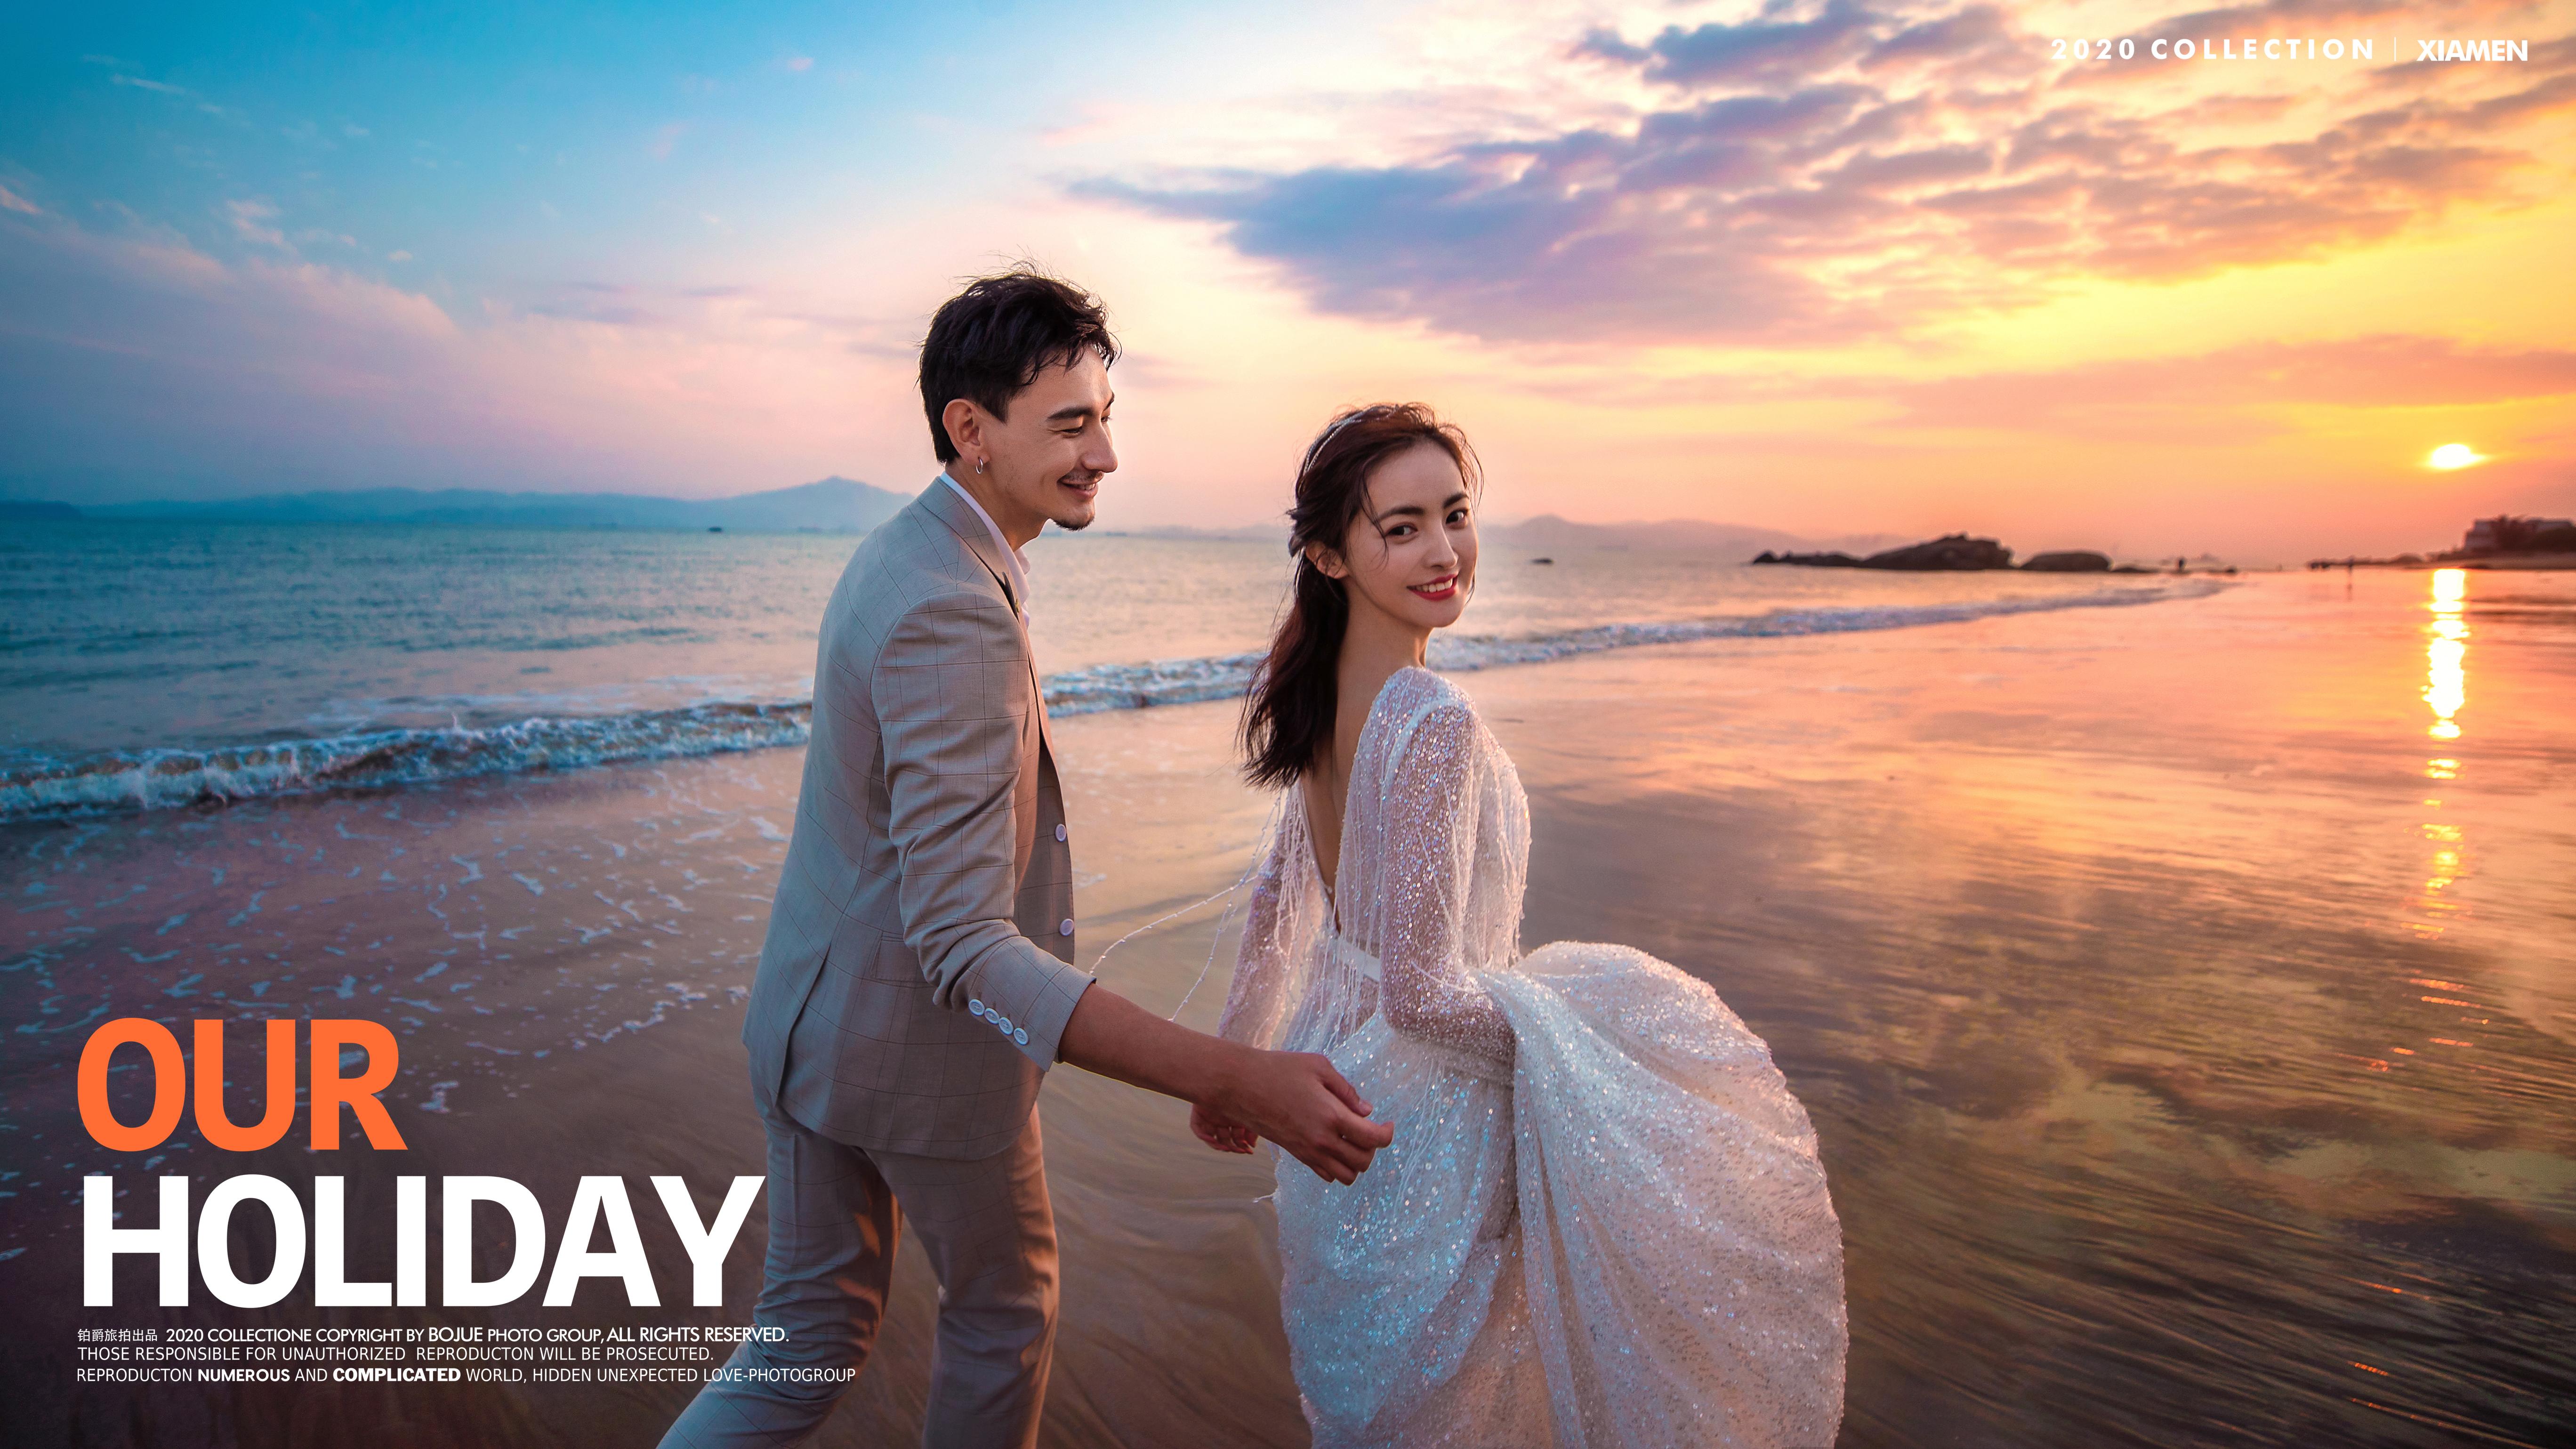 厦门旅拍婚纱摄影注意事项有哪些 应该注意哪些陷阱